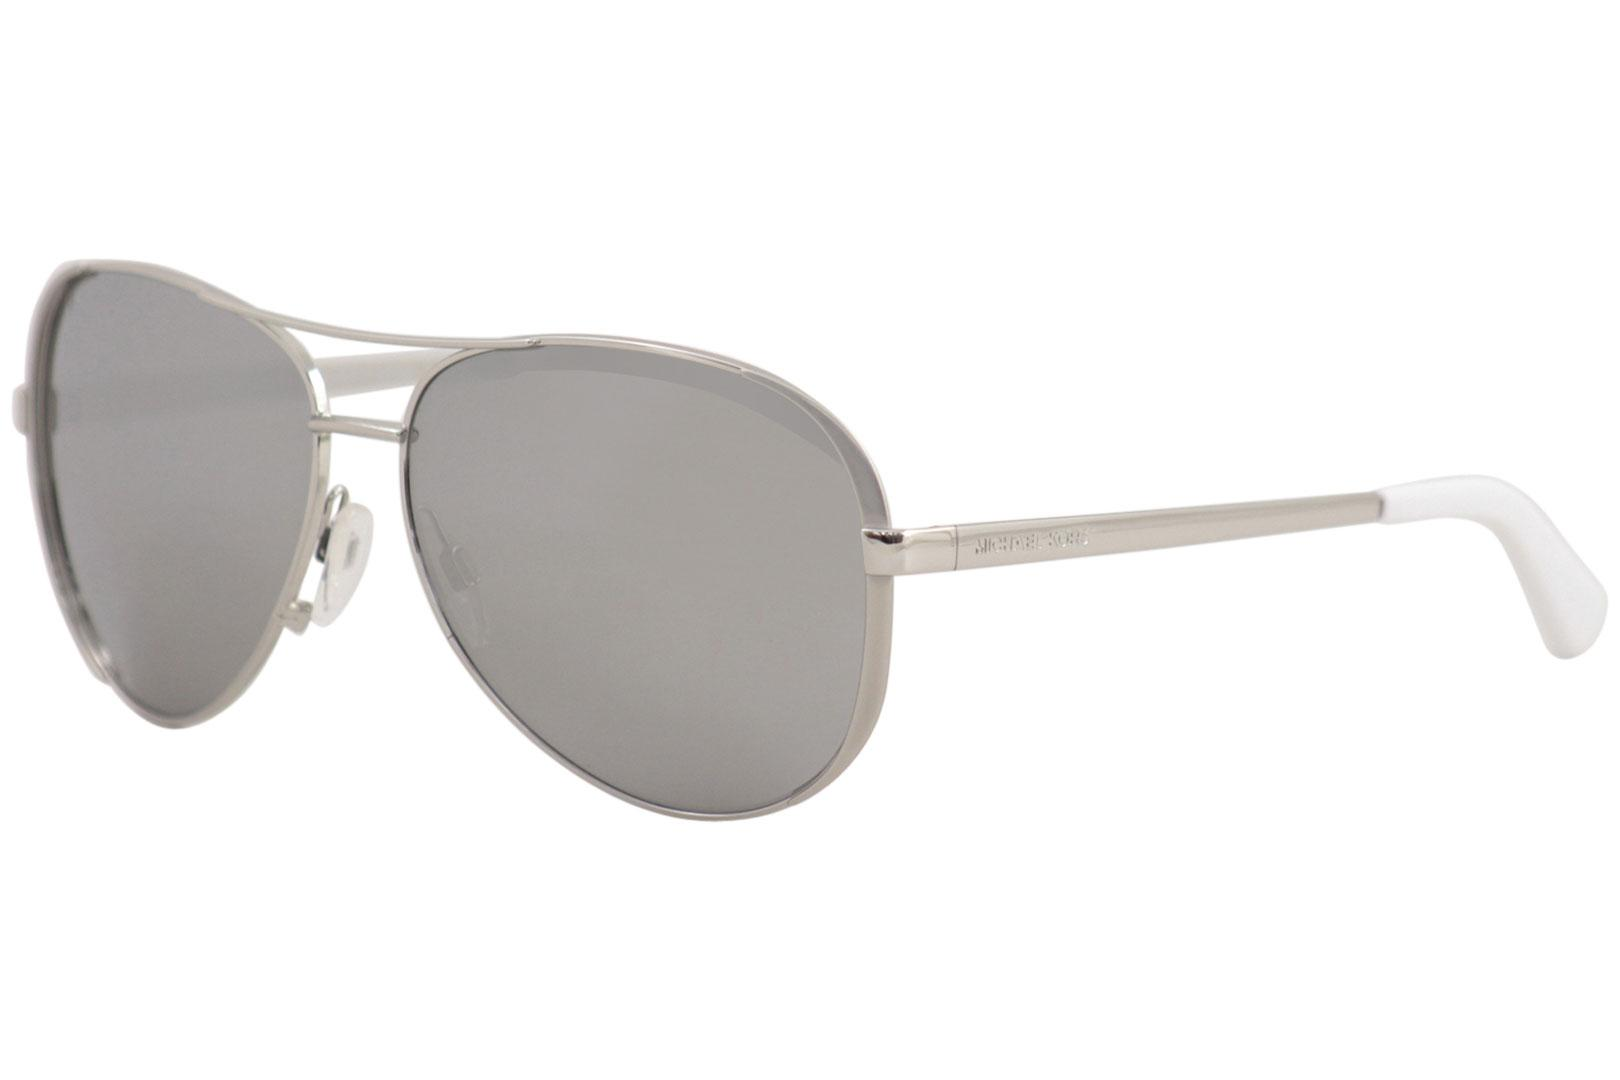 1f8d720100 Details about Michael Kors Chelsea MK5004 5004 1001Z3 Silver Pilot  Polarized Sunglasses 59mm